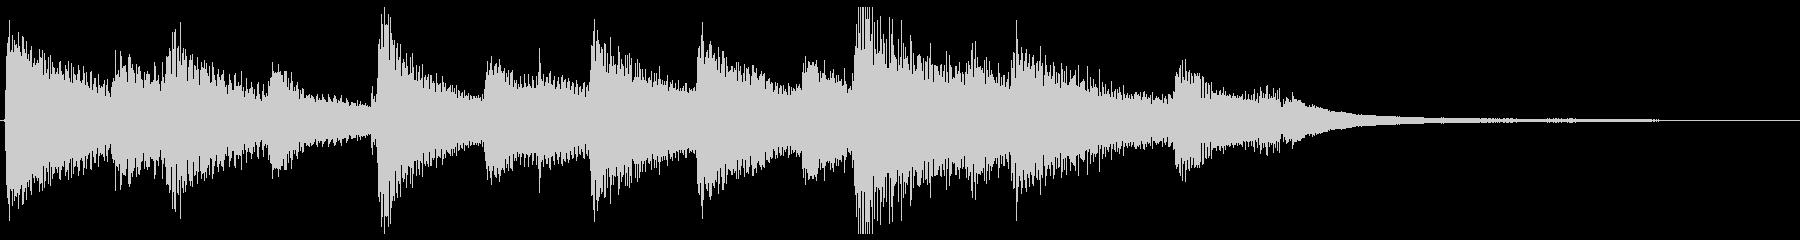 ピアノによるしんみりとしたジングルの未再生の波形